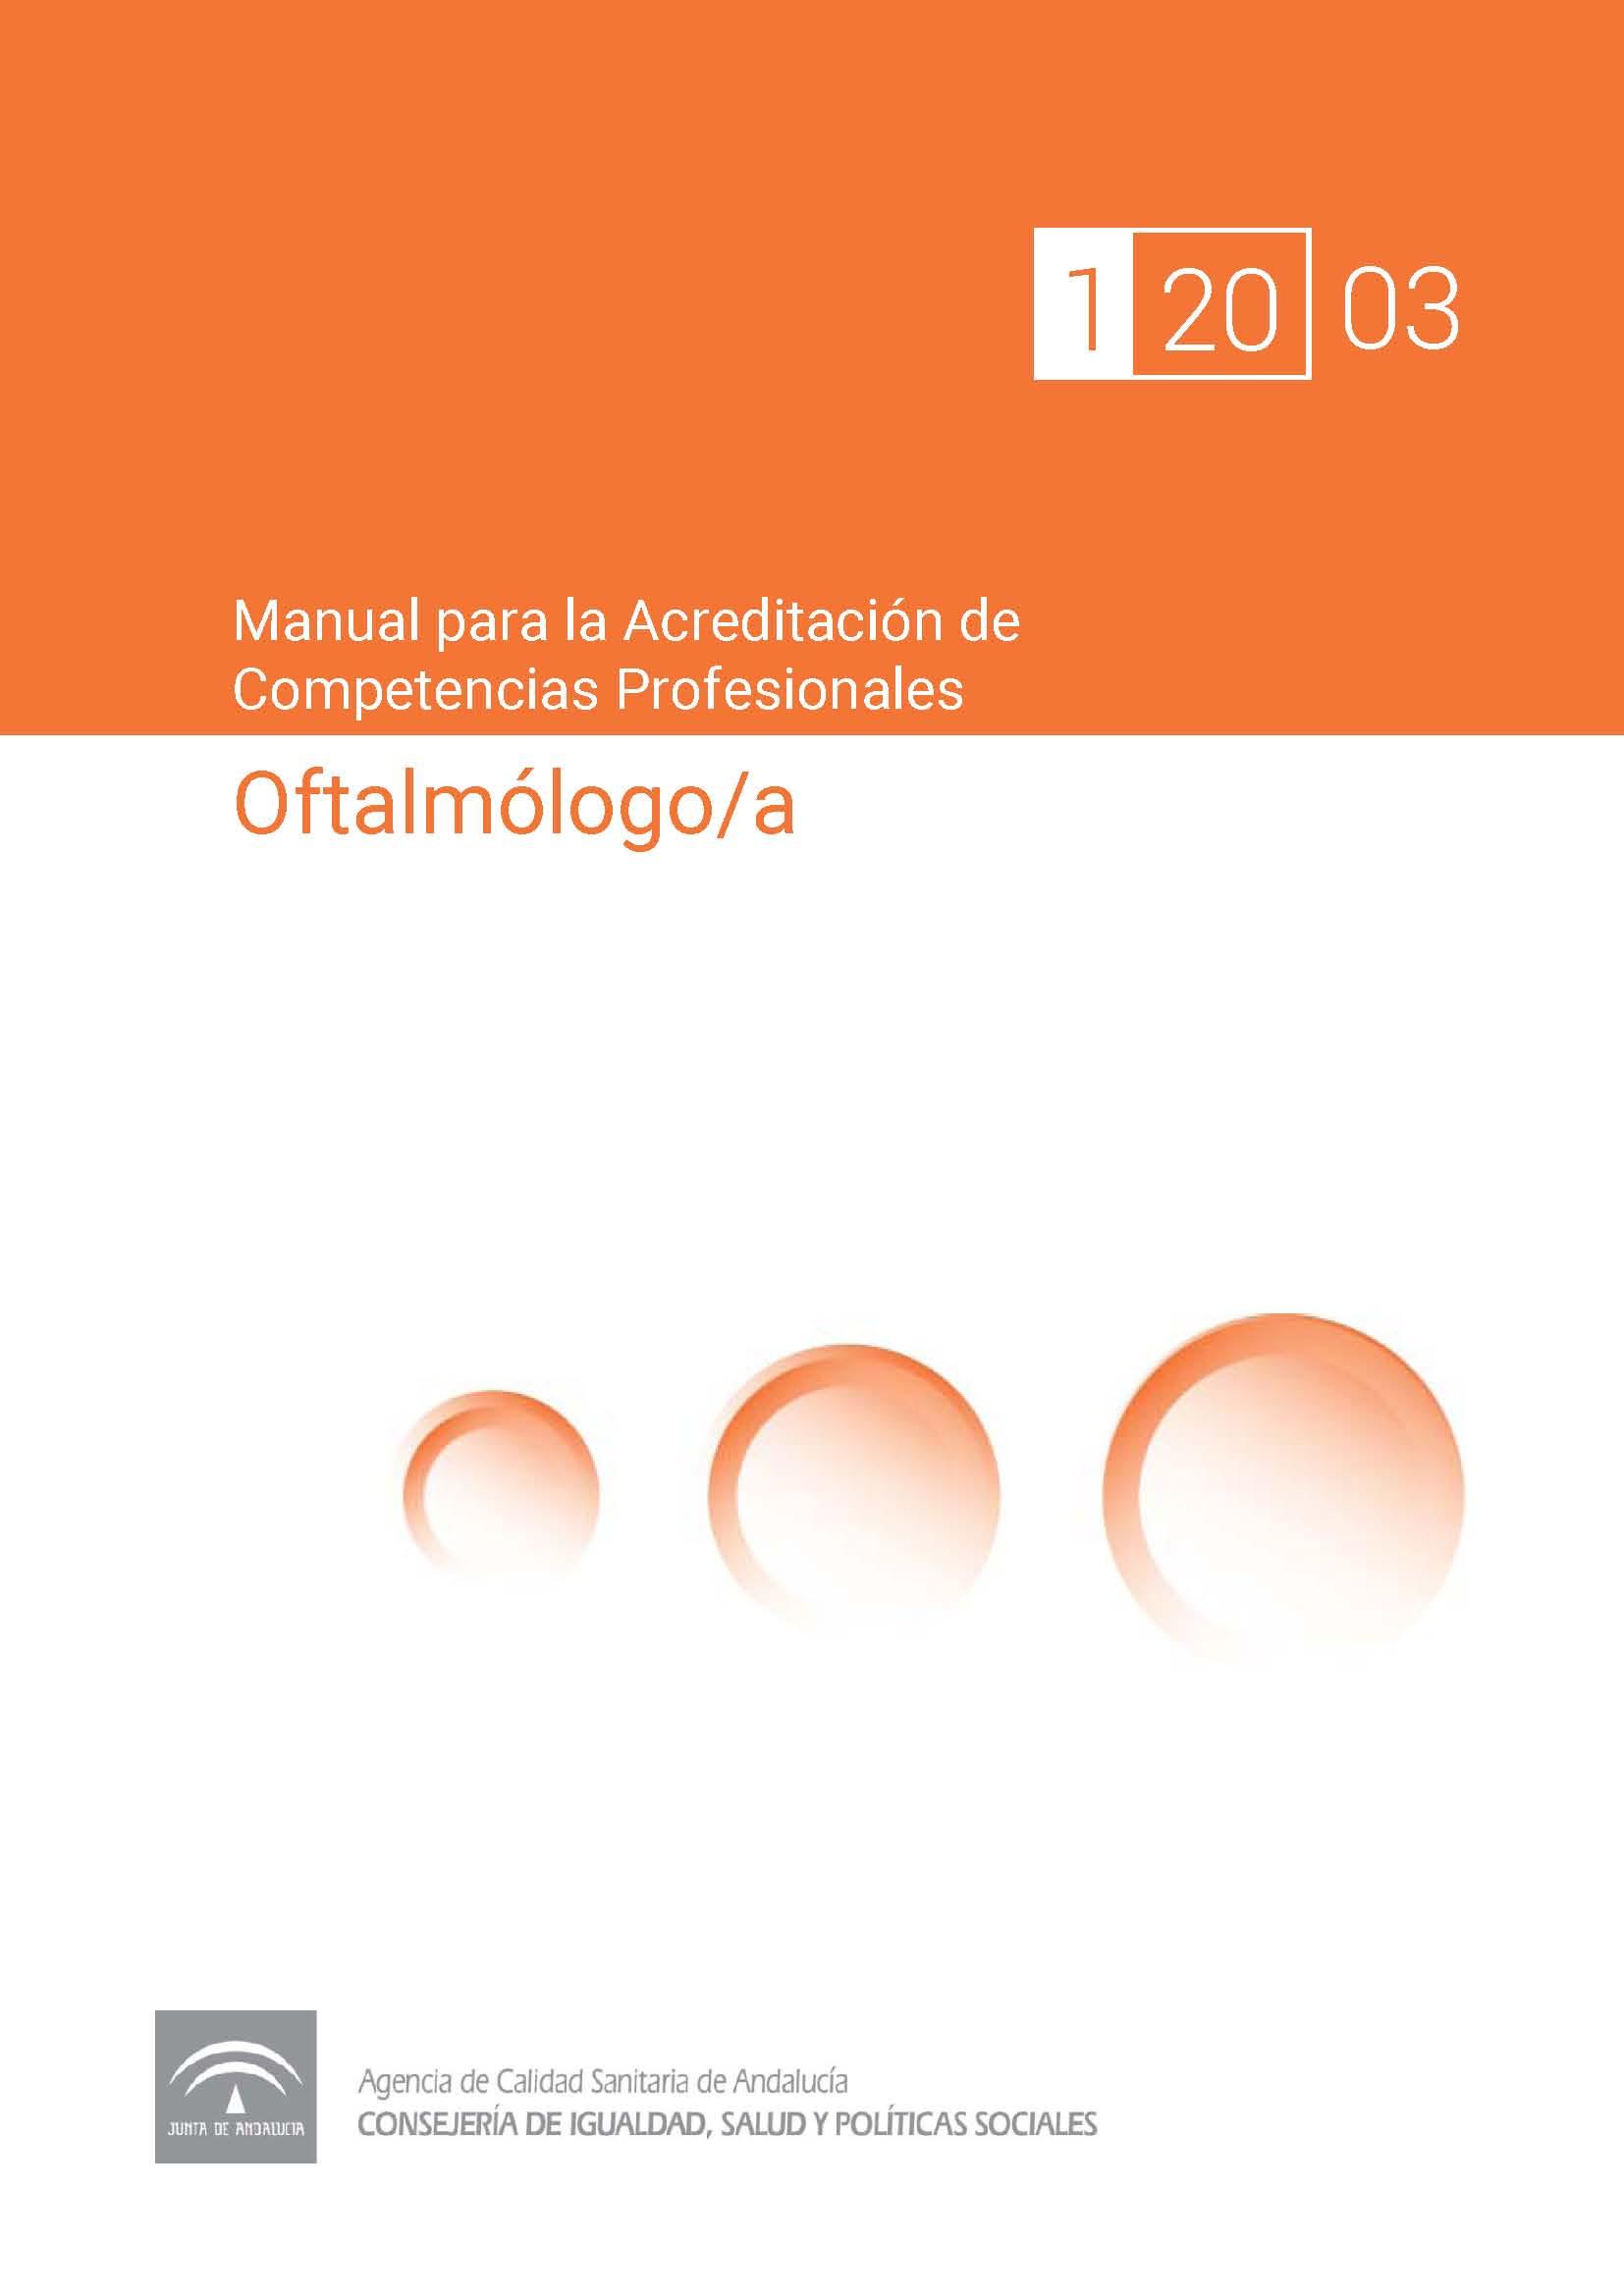 Manual de competencias profesionales del/de la Oftalmólogo/a